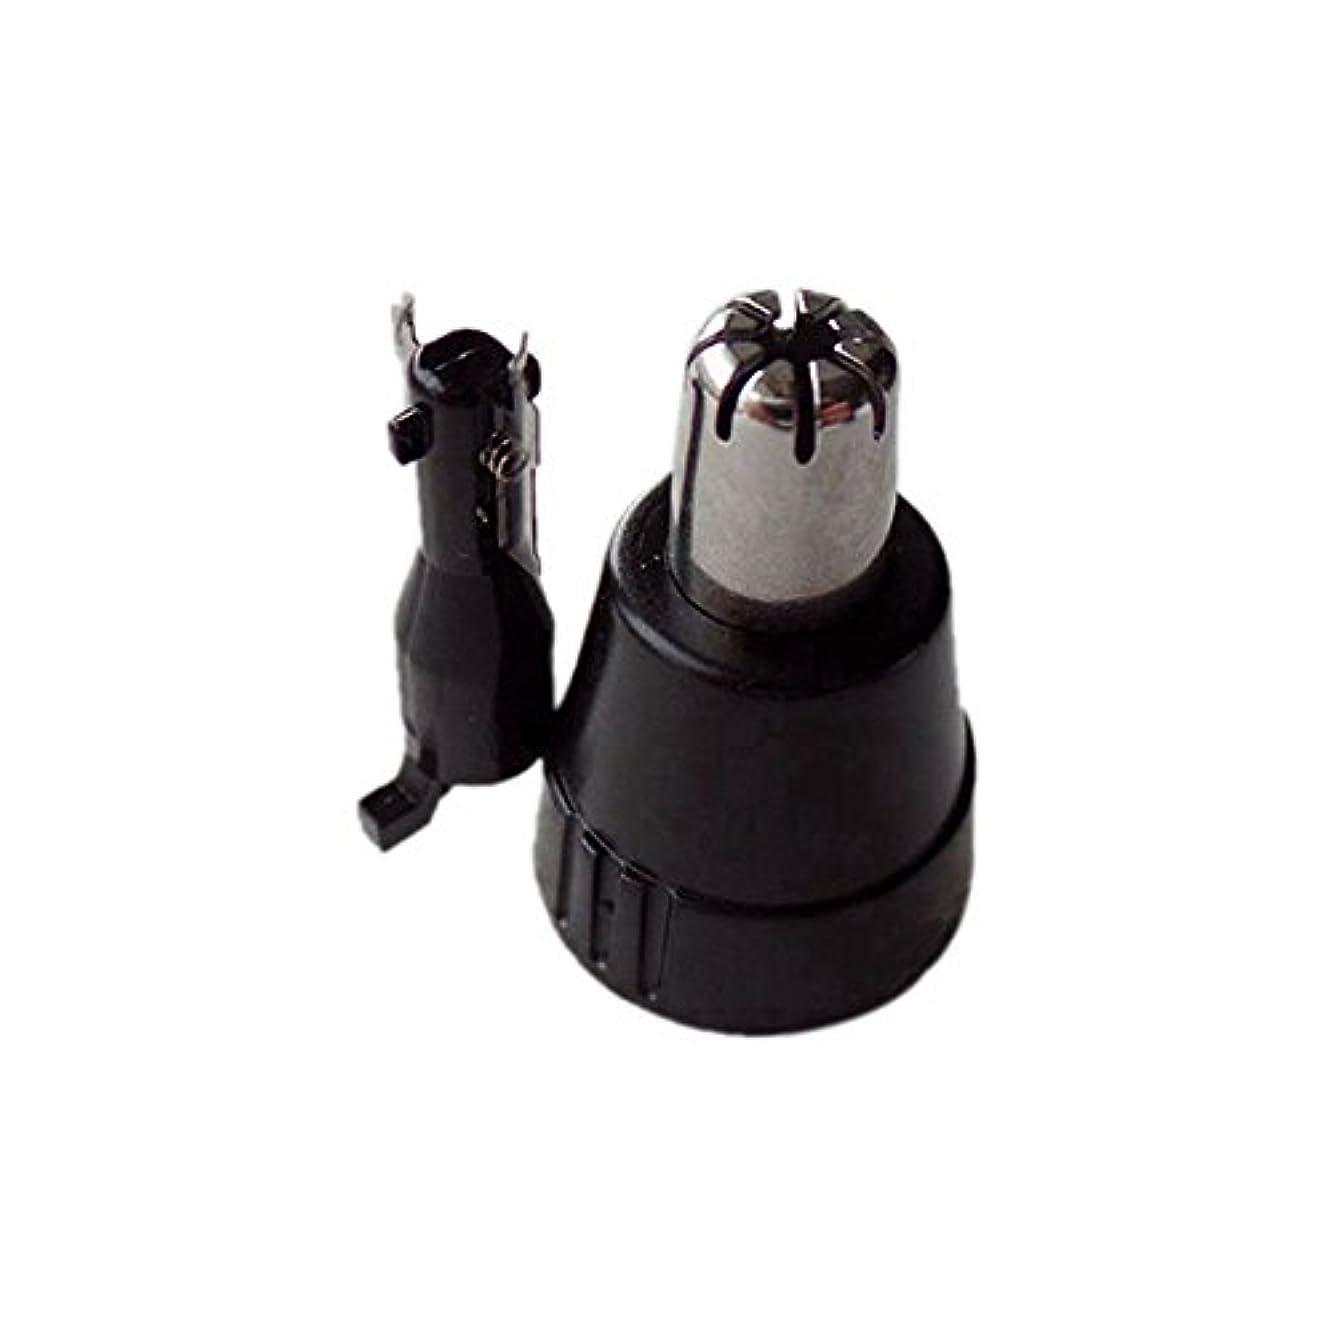 口ひげありふれた承認するJanjunsi 鼻毛カッター部品 交換用 パーツ 内刃 外刃 替刃 耐用 for Panasonic 鼻毛カッター ER-GN30/-GN10